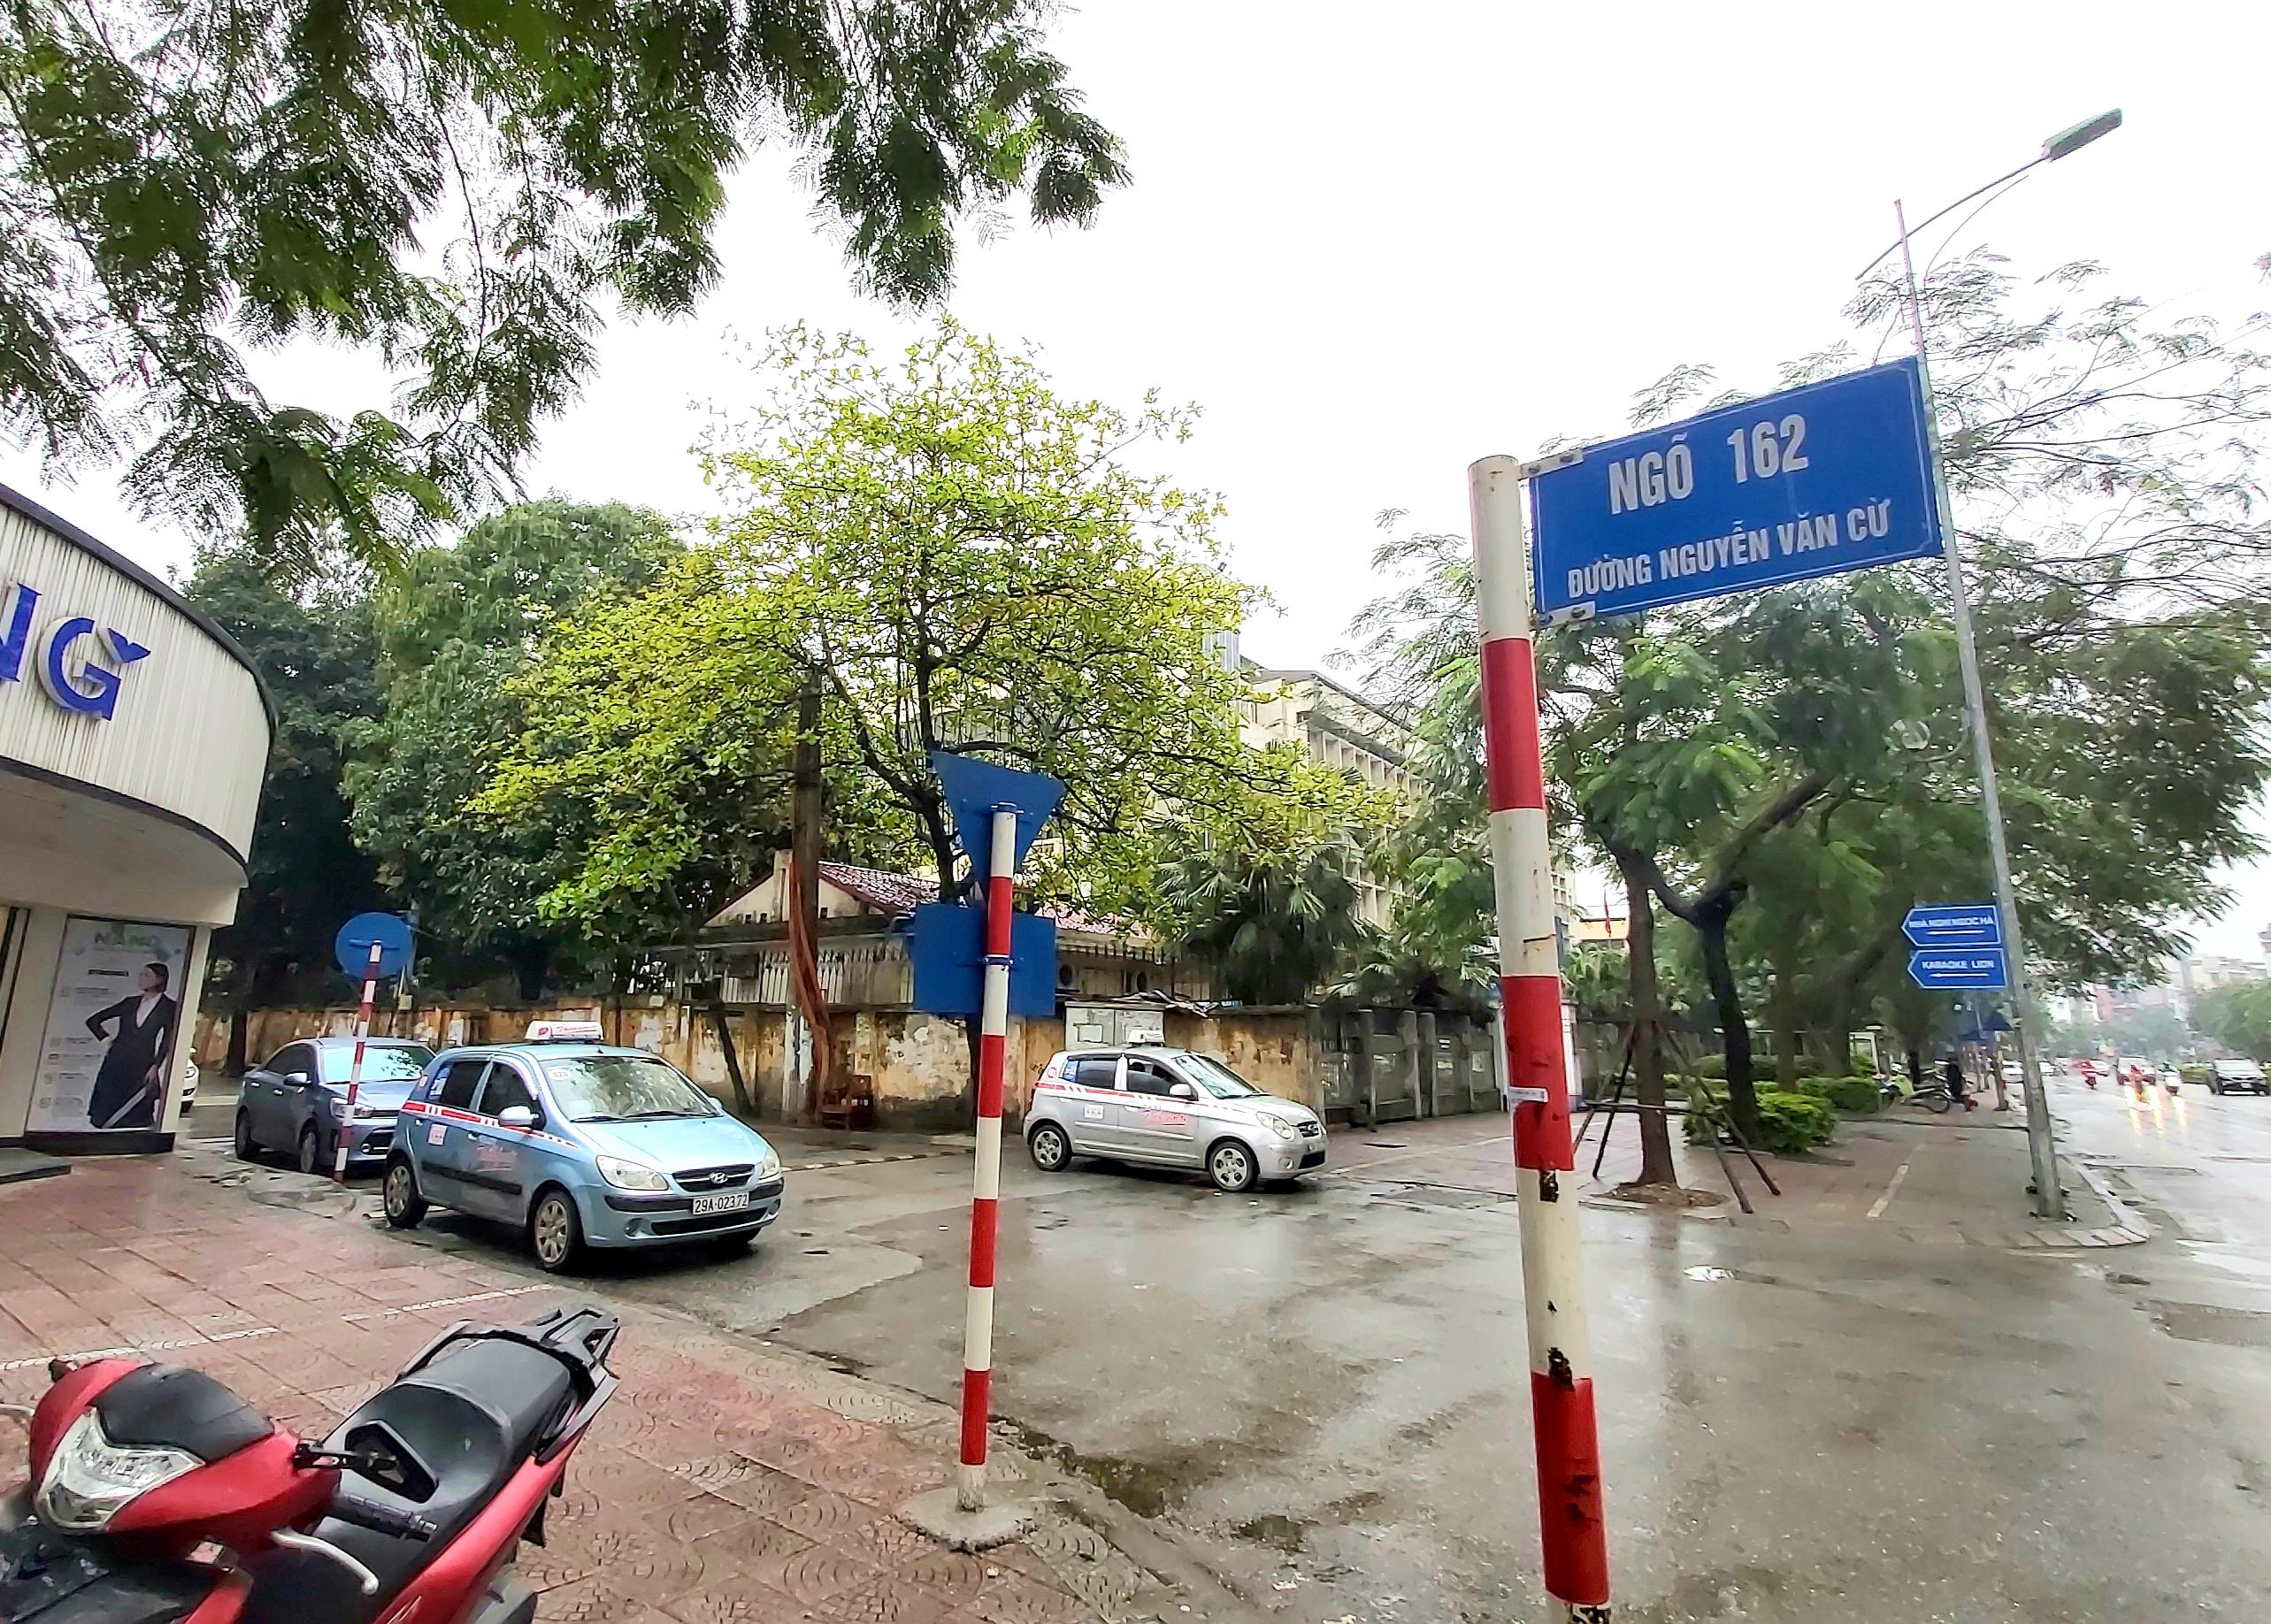 """Người dân sinh sống quanh khu vực cách ly tại đường Nguyễn Văn Cừ vẫn lạc quan: """"Chỉ cần giữ đúng nguyên tắc của Nhà nước thì không việc gì phải hoang mang, lo lắng"""" - Ảnh 2."""